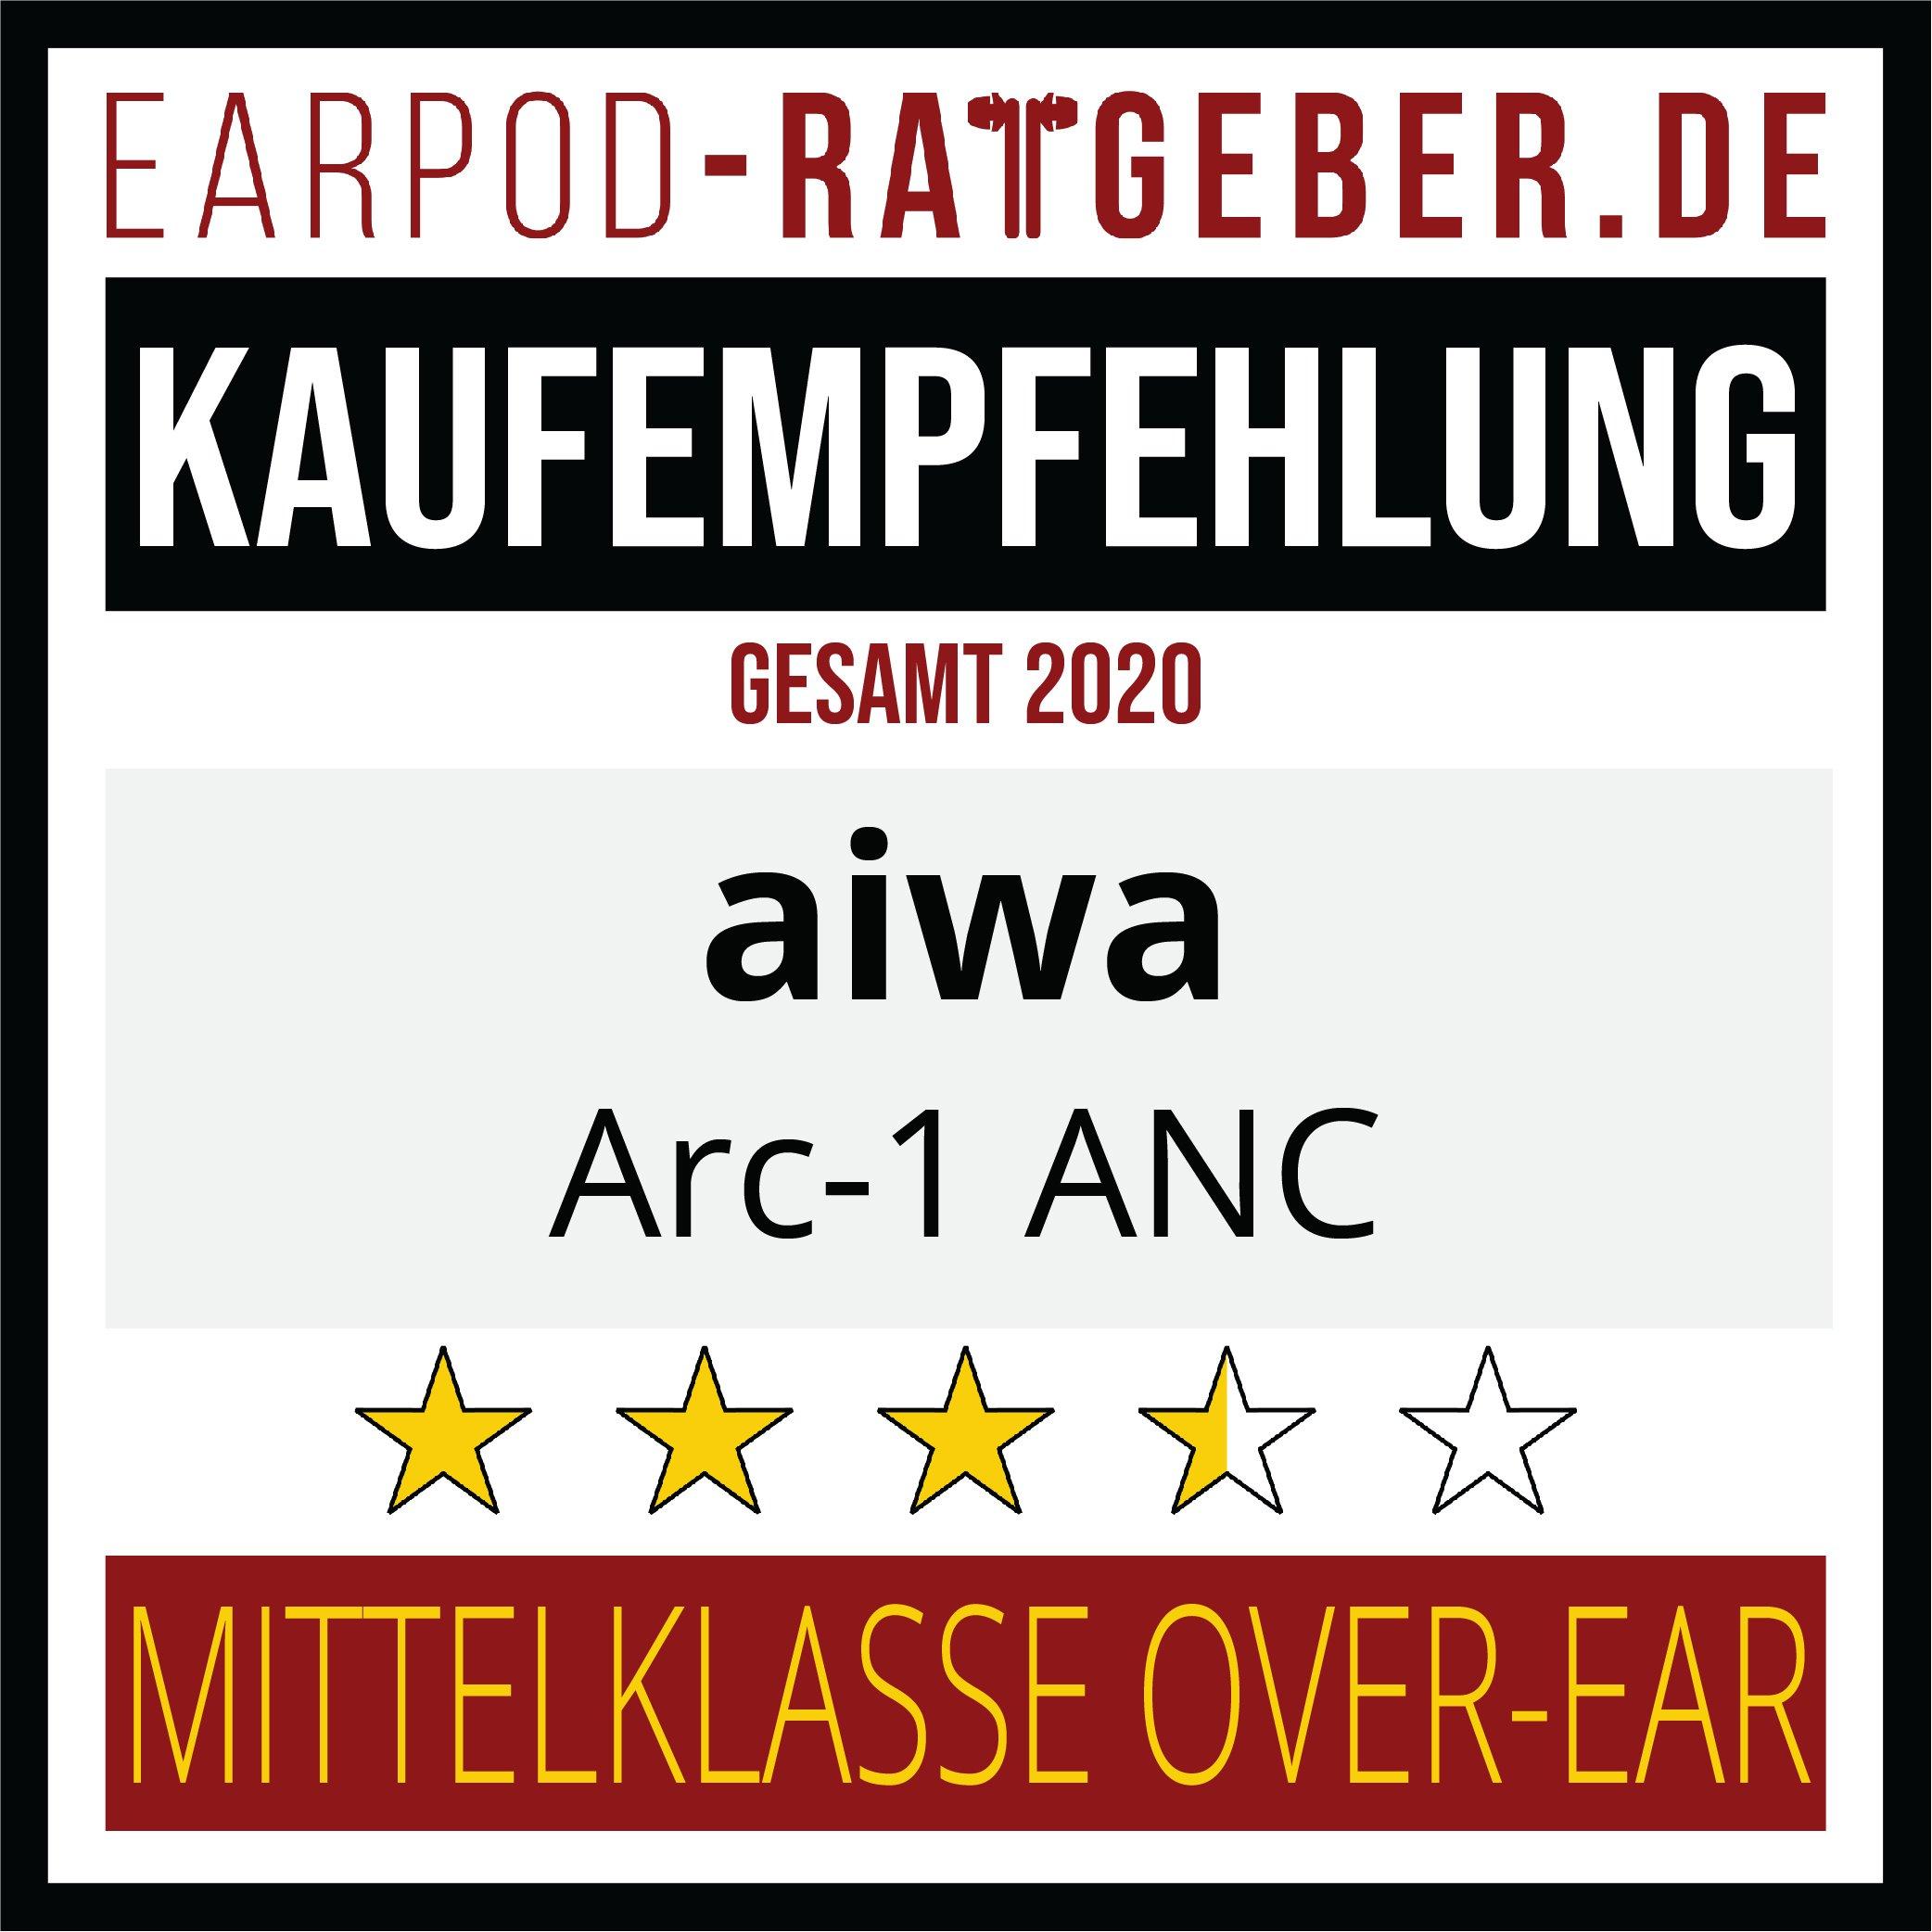 Die besten Kopfhörer 2020 Earpod-Ratgeber.de Awards Einsteiger aiwa Empfehlung